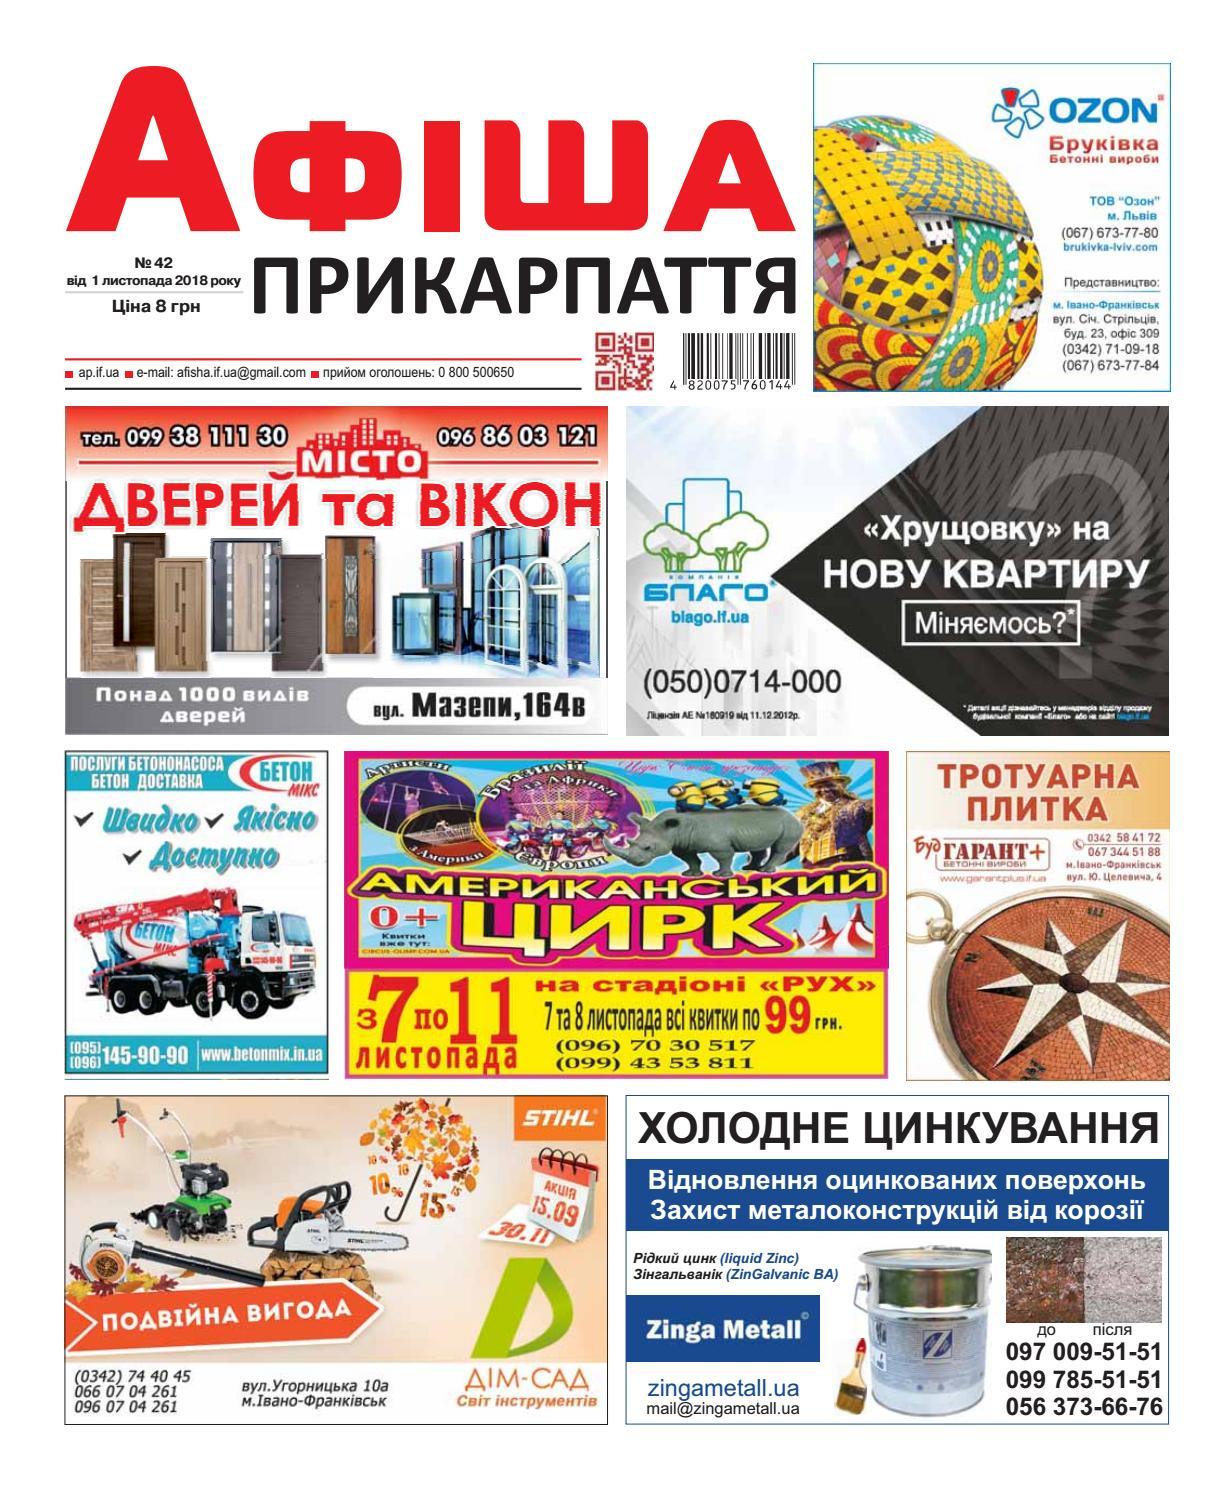 Афіша Прикарпаття №42 by Olya Olya - issuu dc04009714bd4